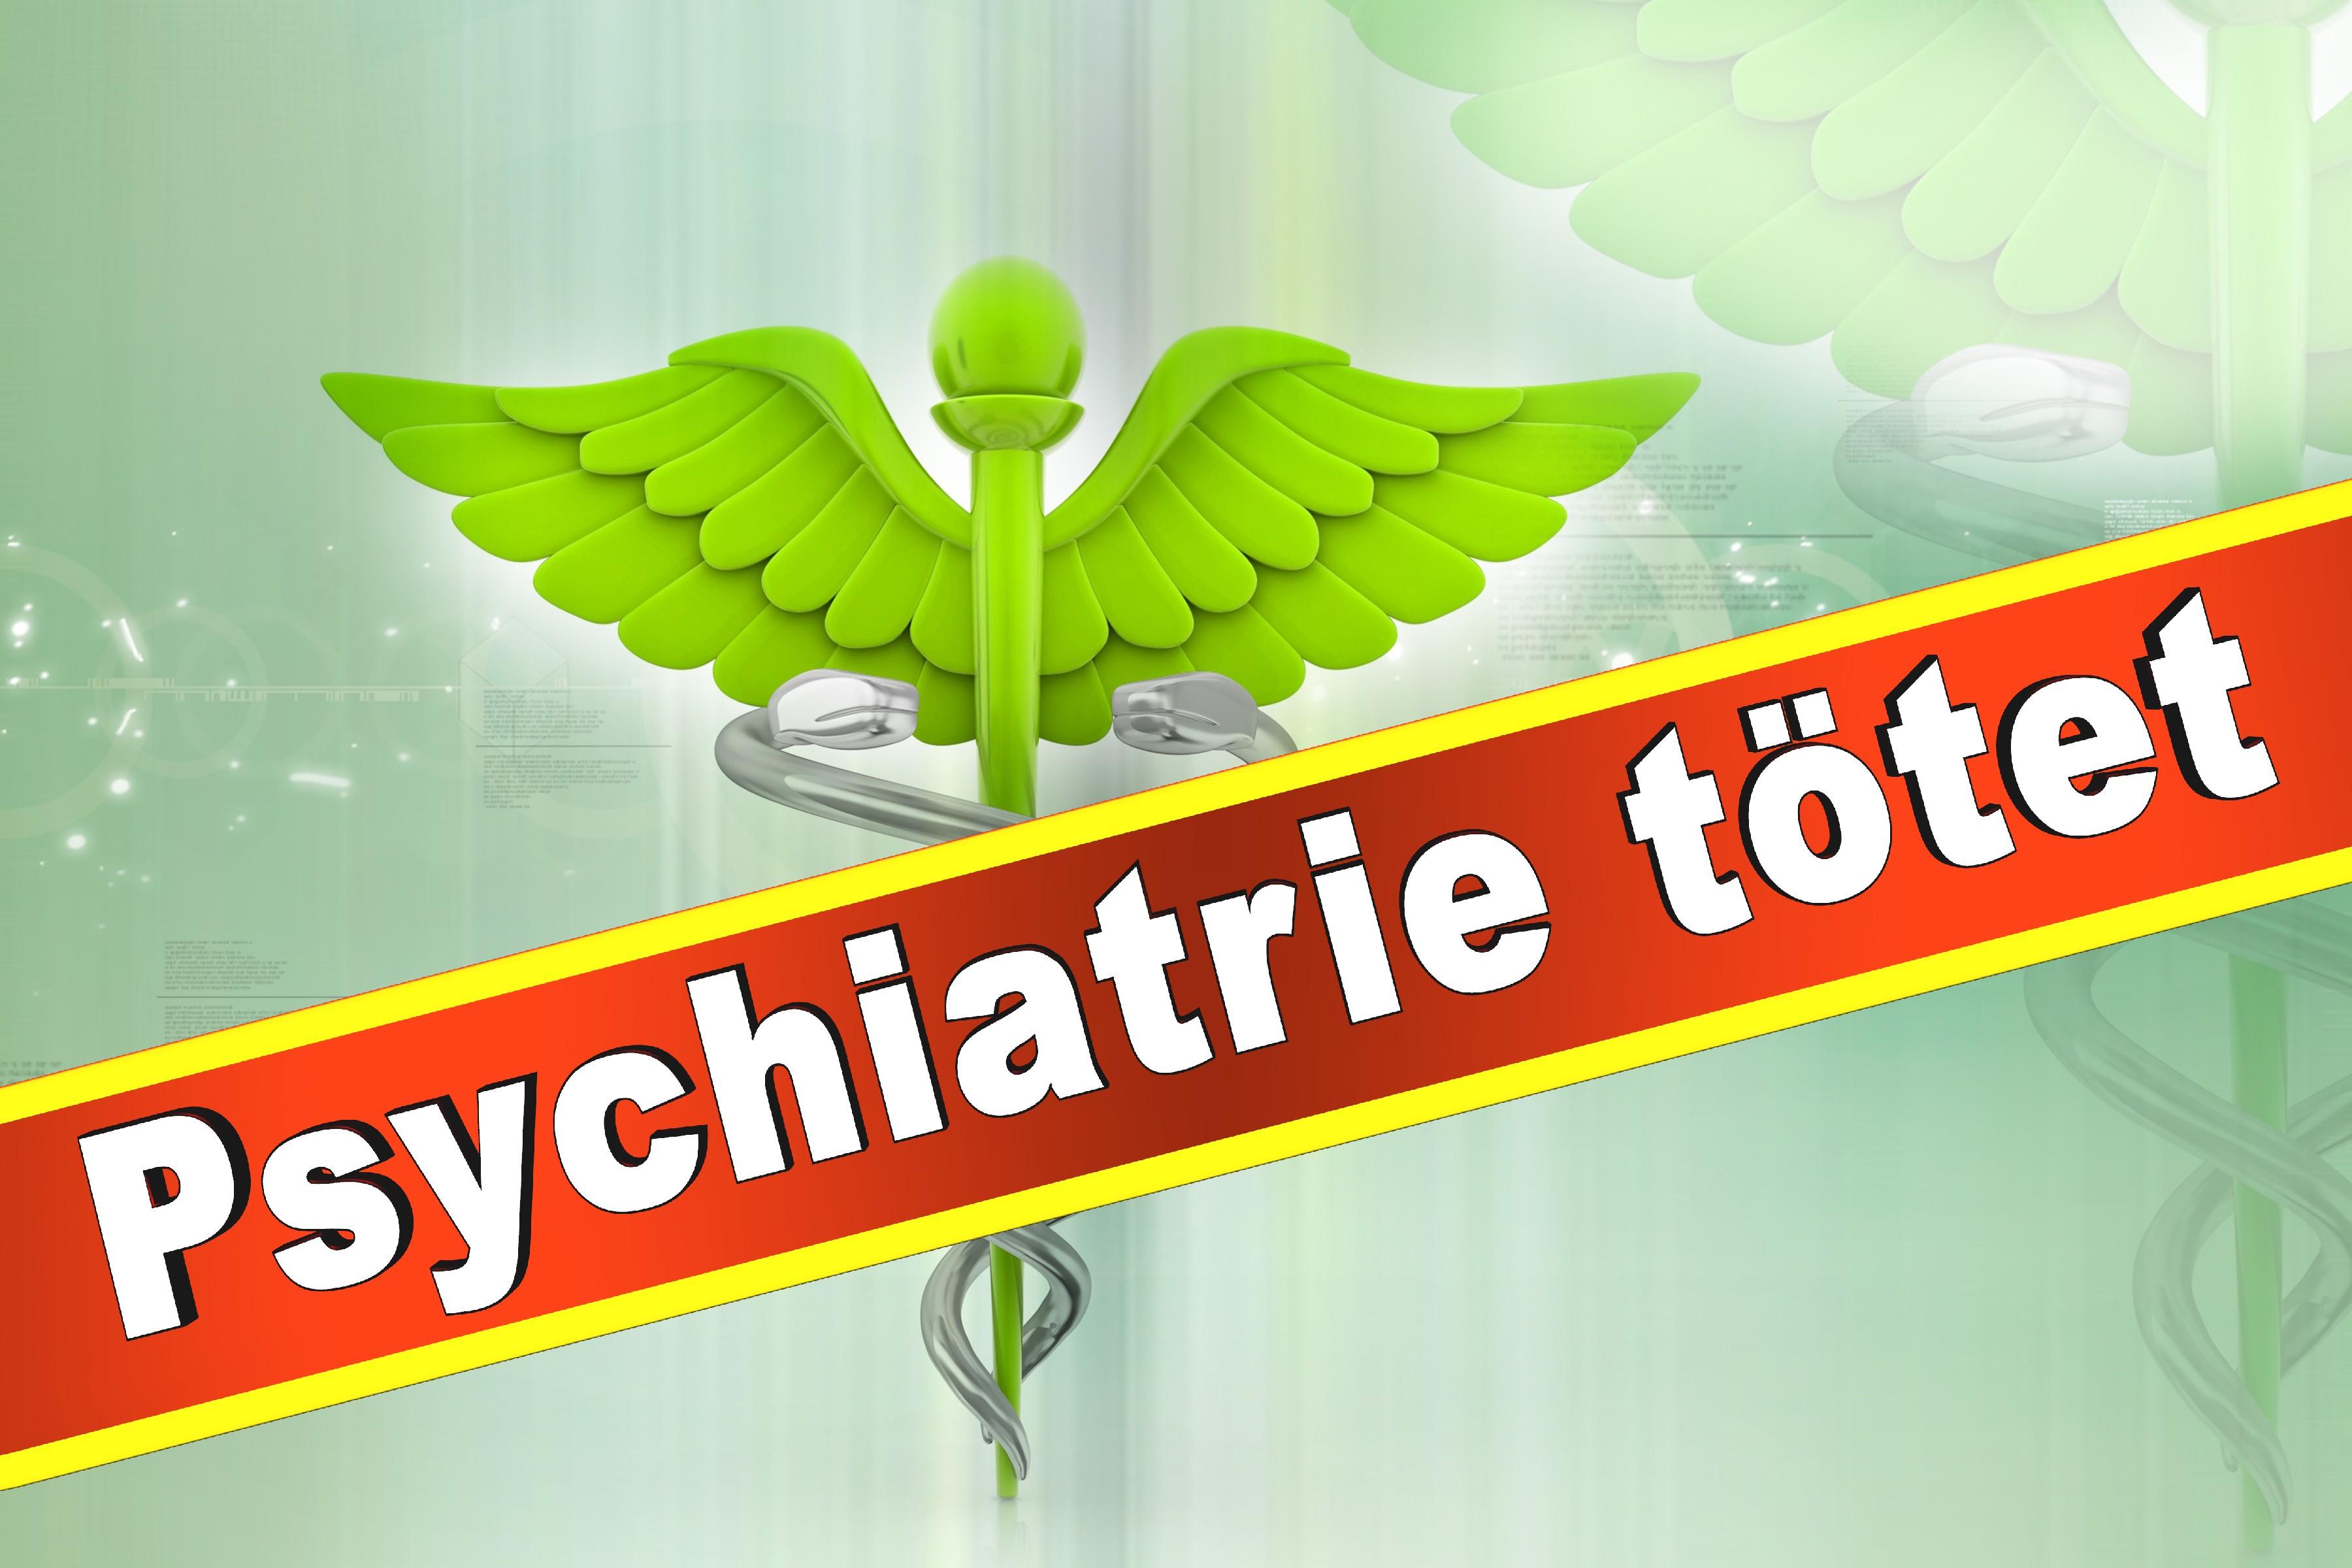 Wielant Machleidt Psychiater Psychotherapeut Professor Praxis Der Interkulturellen Psychiatrie Und Psychotherapie Medizinische Hochschule Hannover Klinik Für Psychiatrie Sozialpsychiatrie (32)